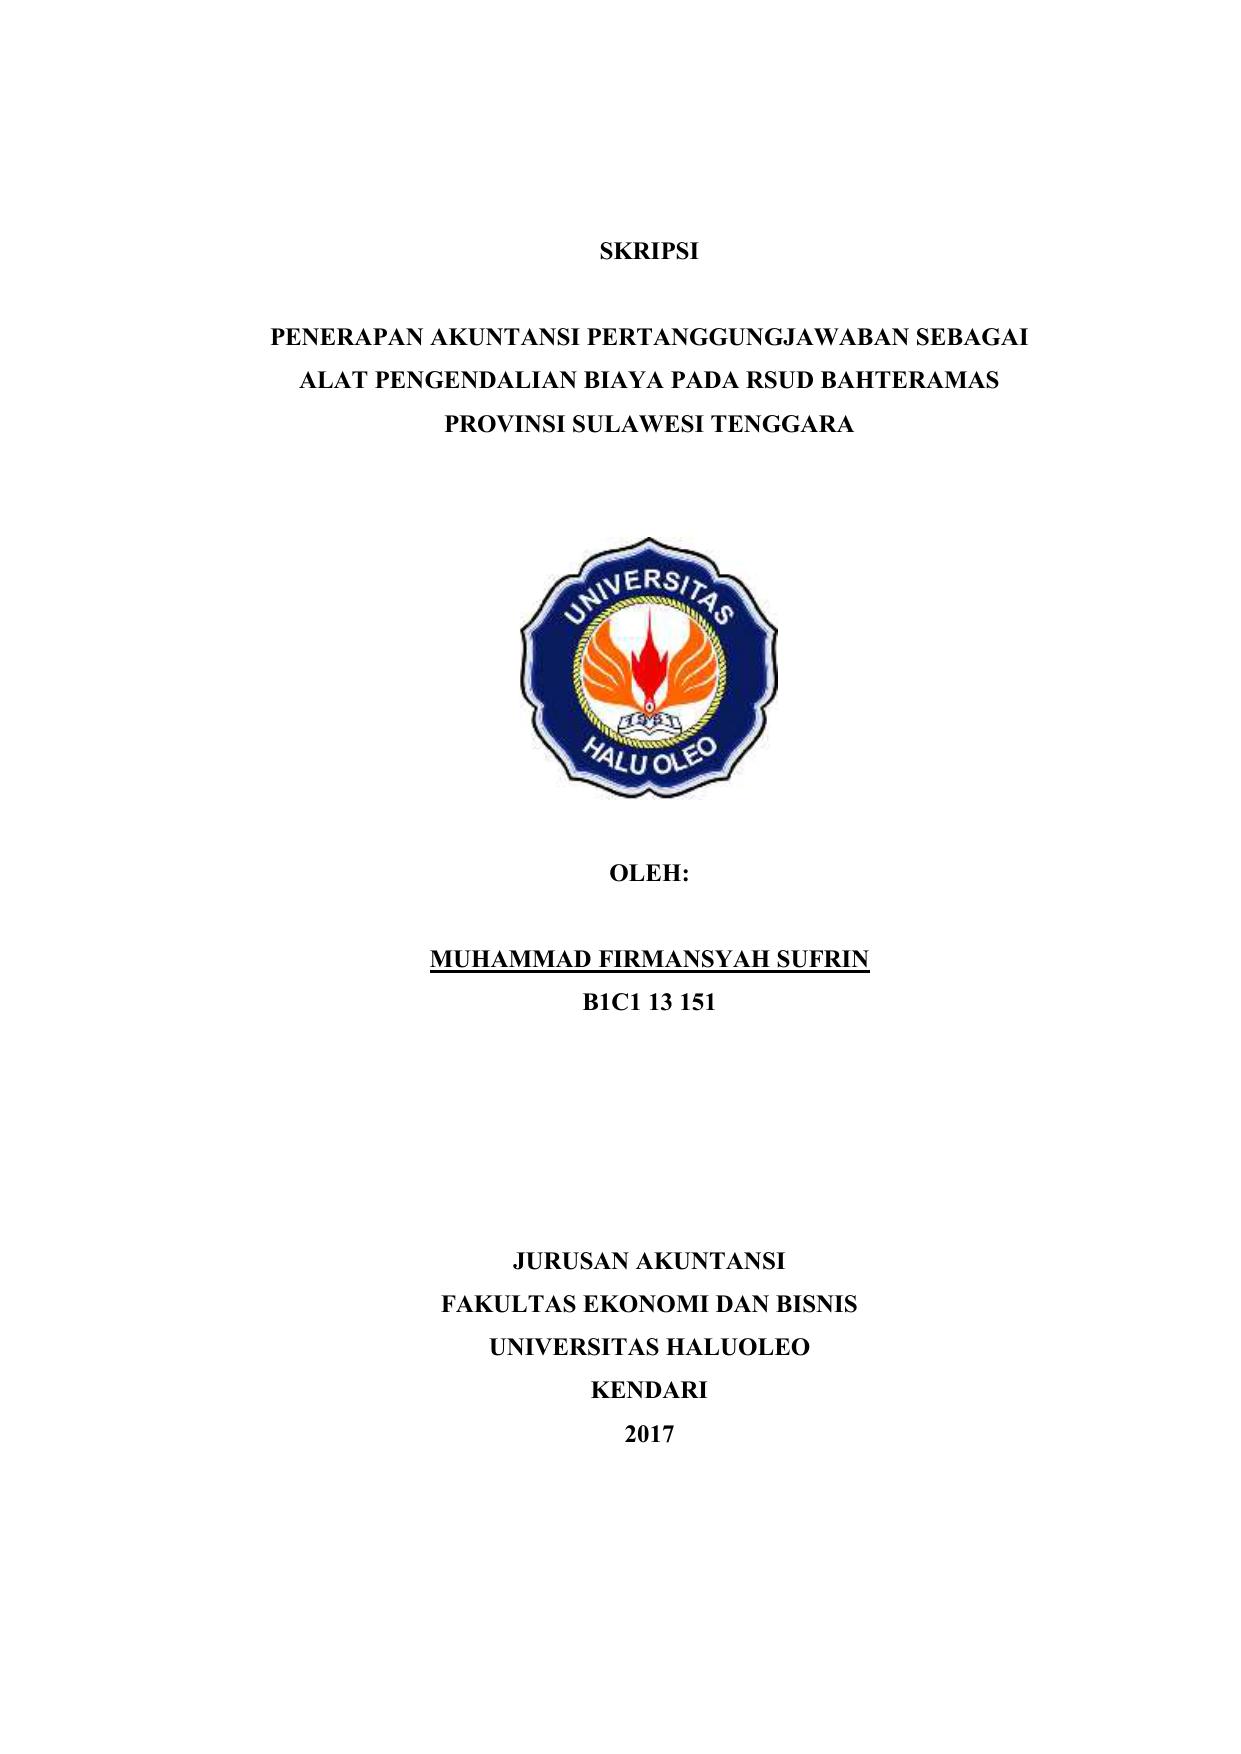 Skripsi Penerapan Akuntansi Pertanggungjawaban